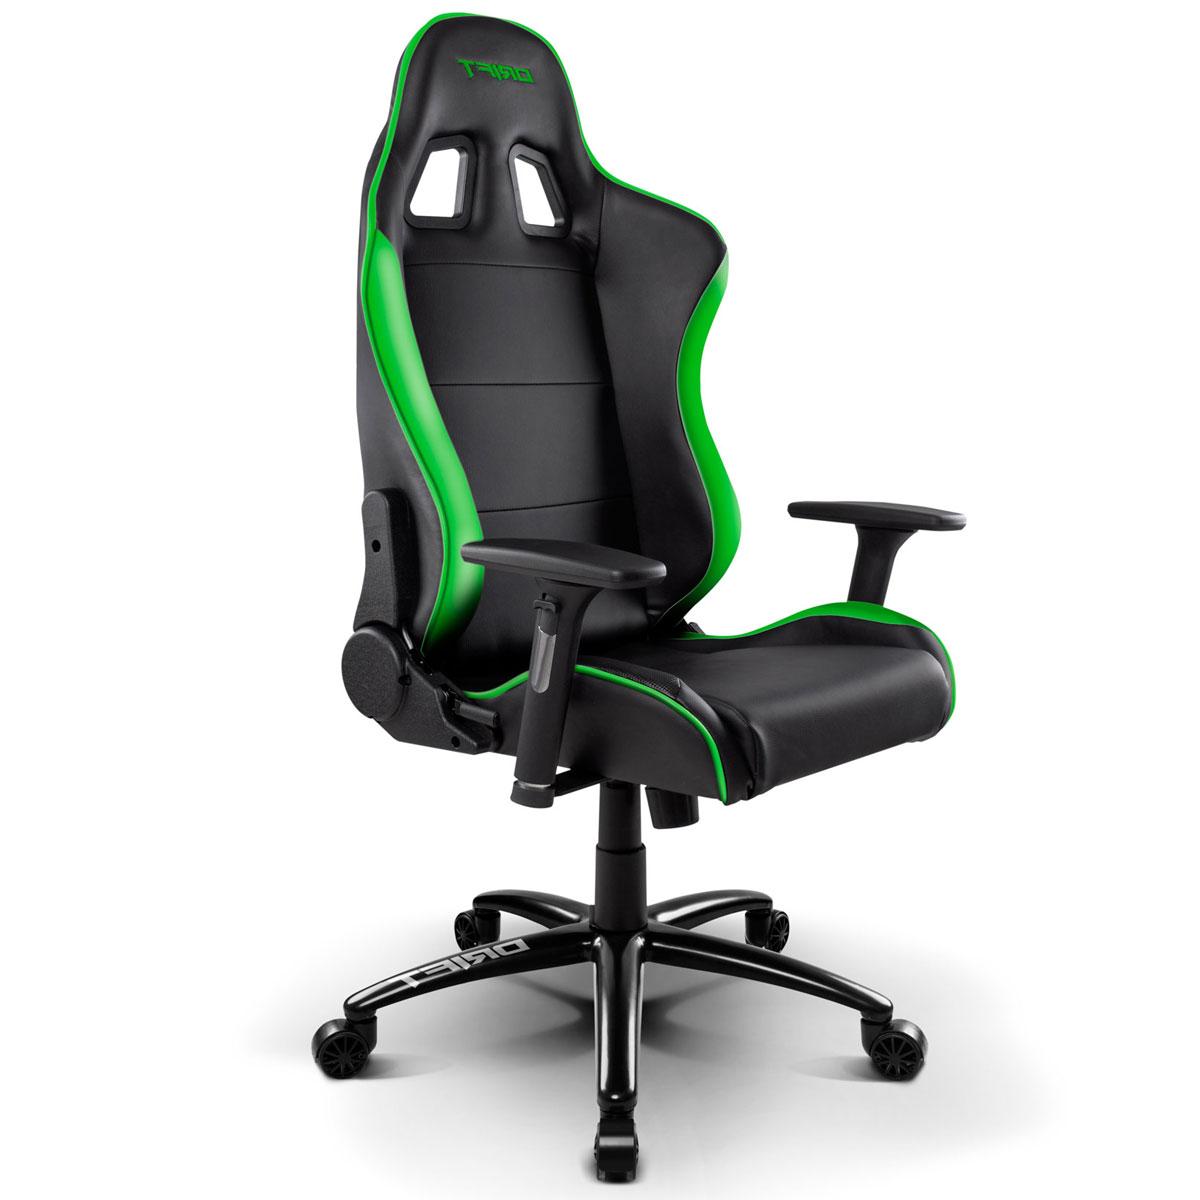 Silla Gaming Polipiel Drift DR200 Negro y Verde  Versus